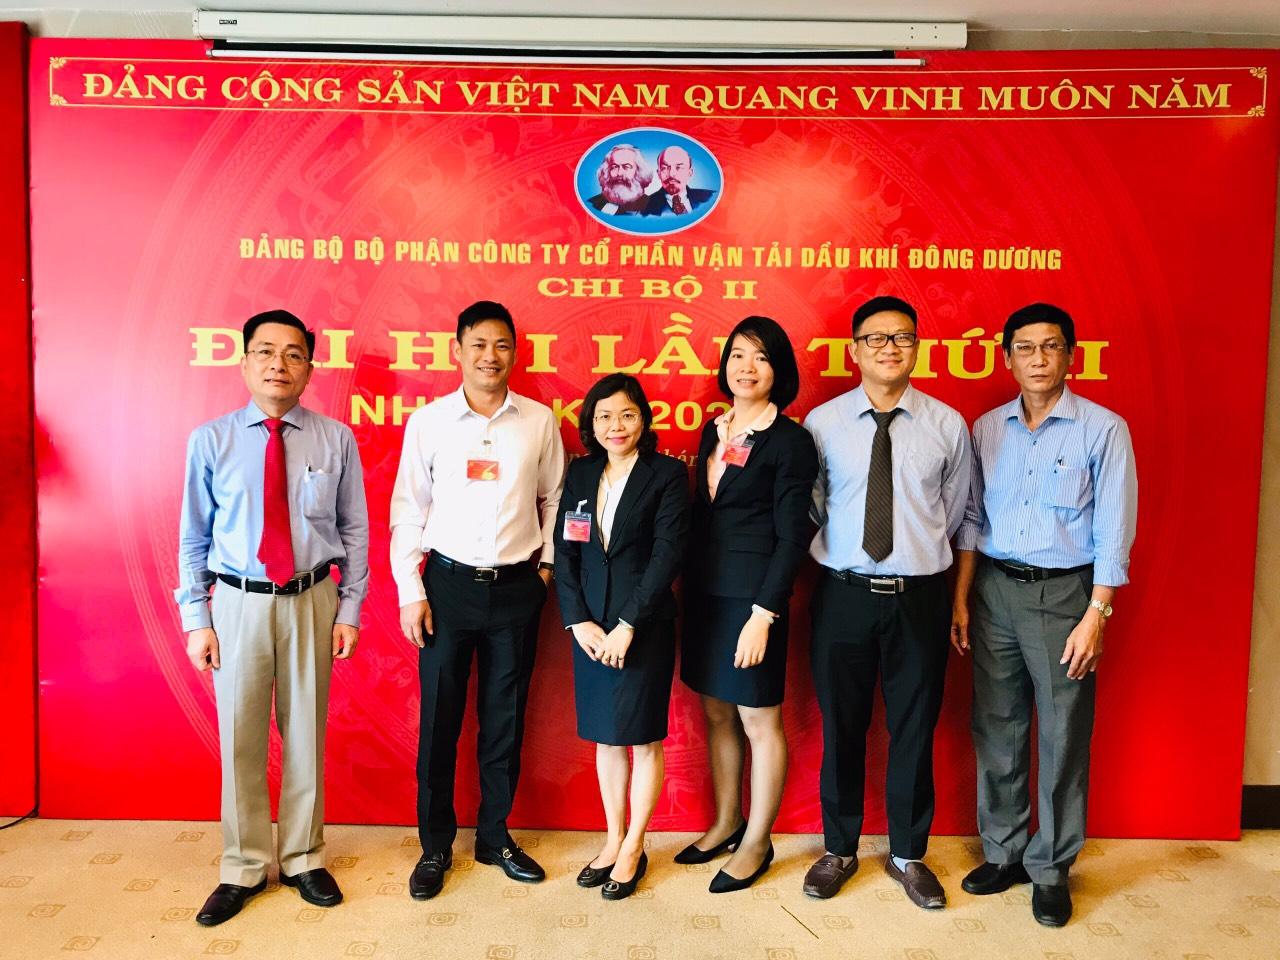 Đại hội Chi bộ 2 (Chi nhánh Hồ Chí Minh) lần thứ 2, nhiệm kỳ 2020-2022